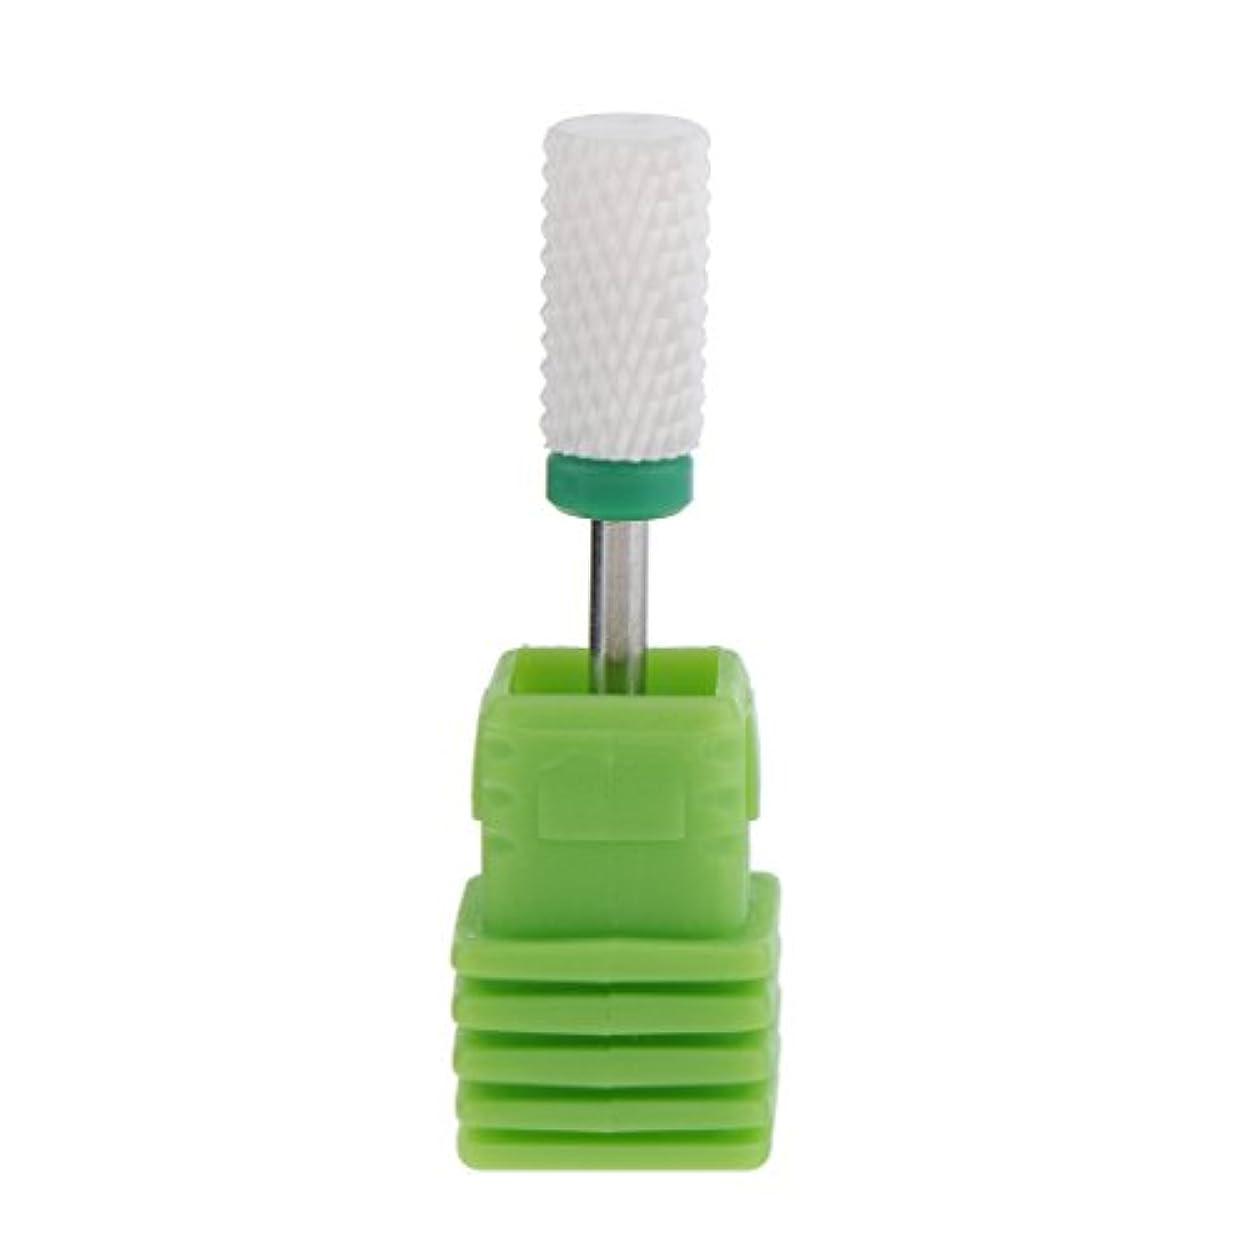 合理化不承認ブラウスGRALARA ネイルアート ドリルビット セラミック 研磨ヘッド 電気 ドリル プロ ネイル 個人用 6色選べ - グリーン